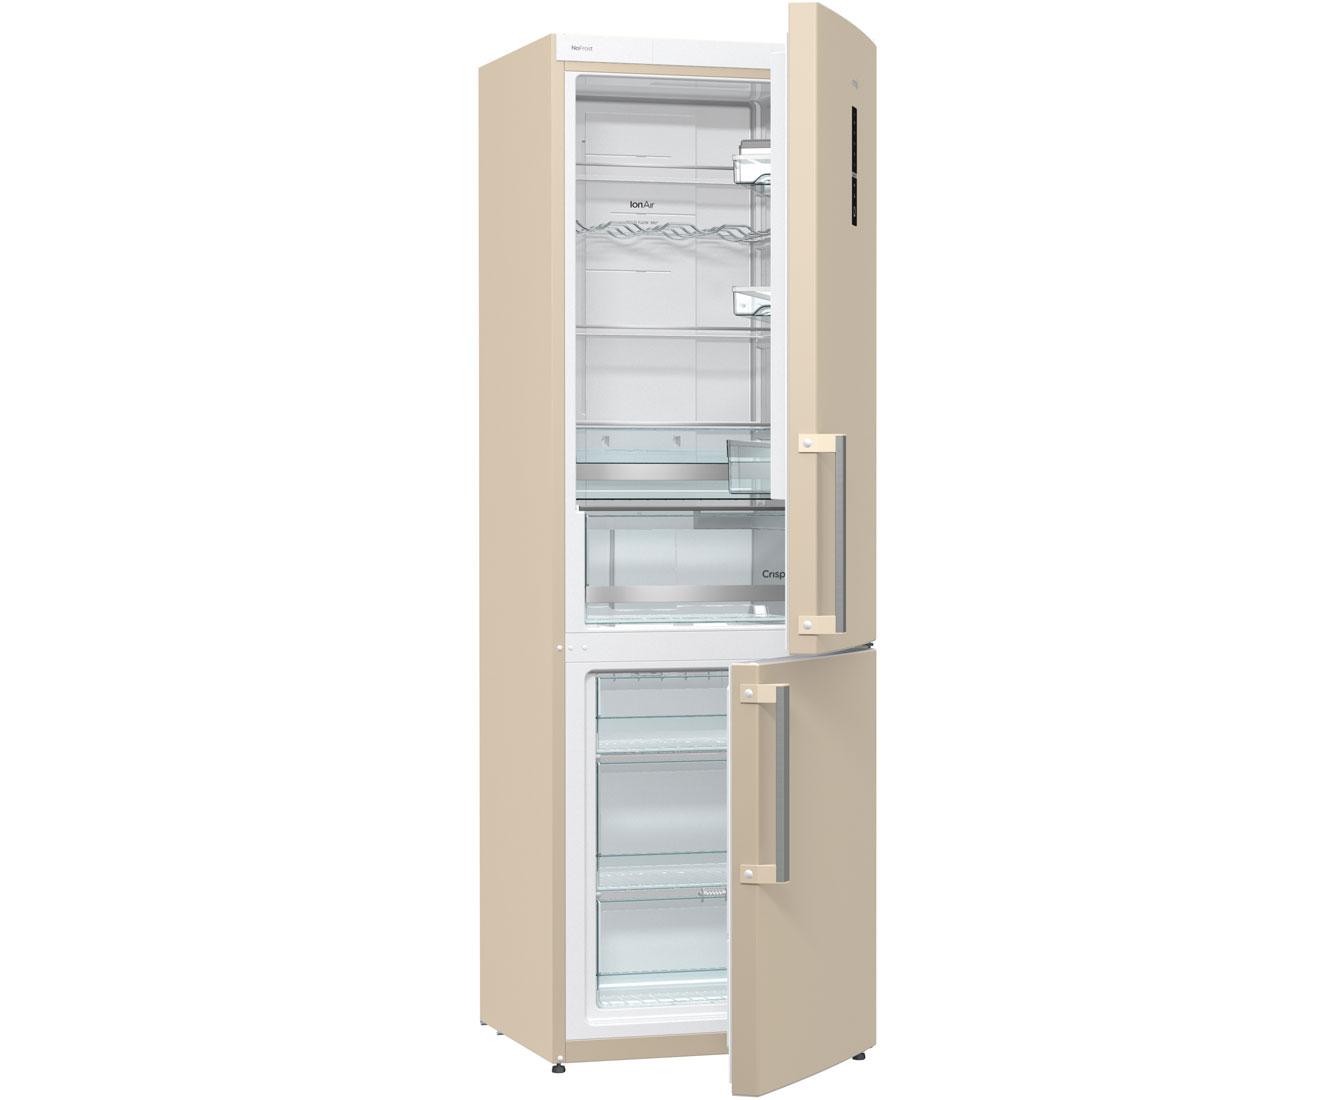 Gorenje Kühlschrank No Frost : Gorenje nrk mc kühl gefrierkombination mit no frost er